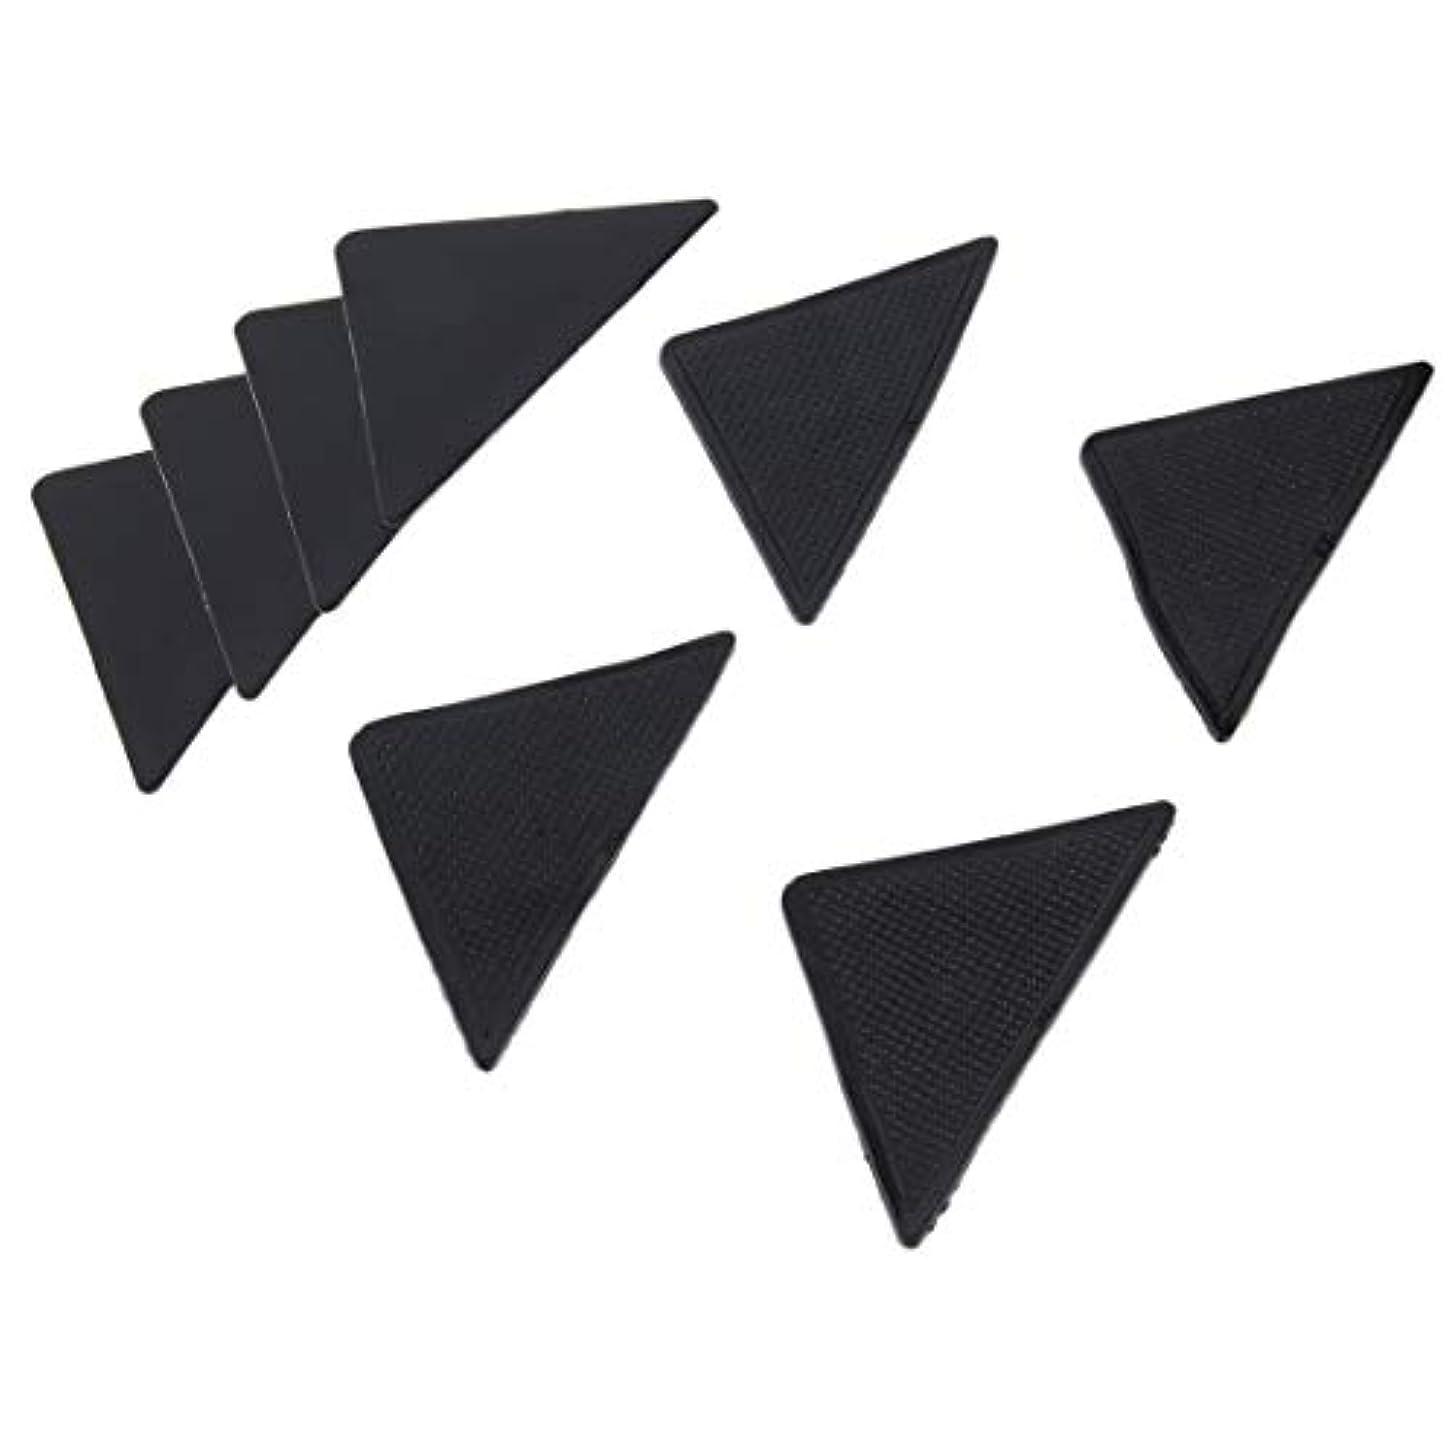 ペネロペコスト雪Swiftgood 4個の敷物のカーペットのマットのグリッパーの非スリップの反スキッドの再使用可能なシリコーンのグリップパッド